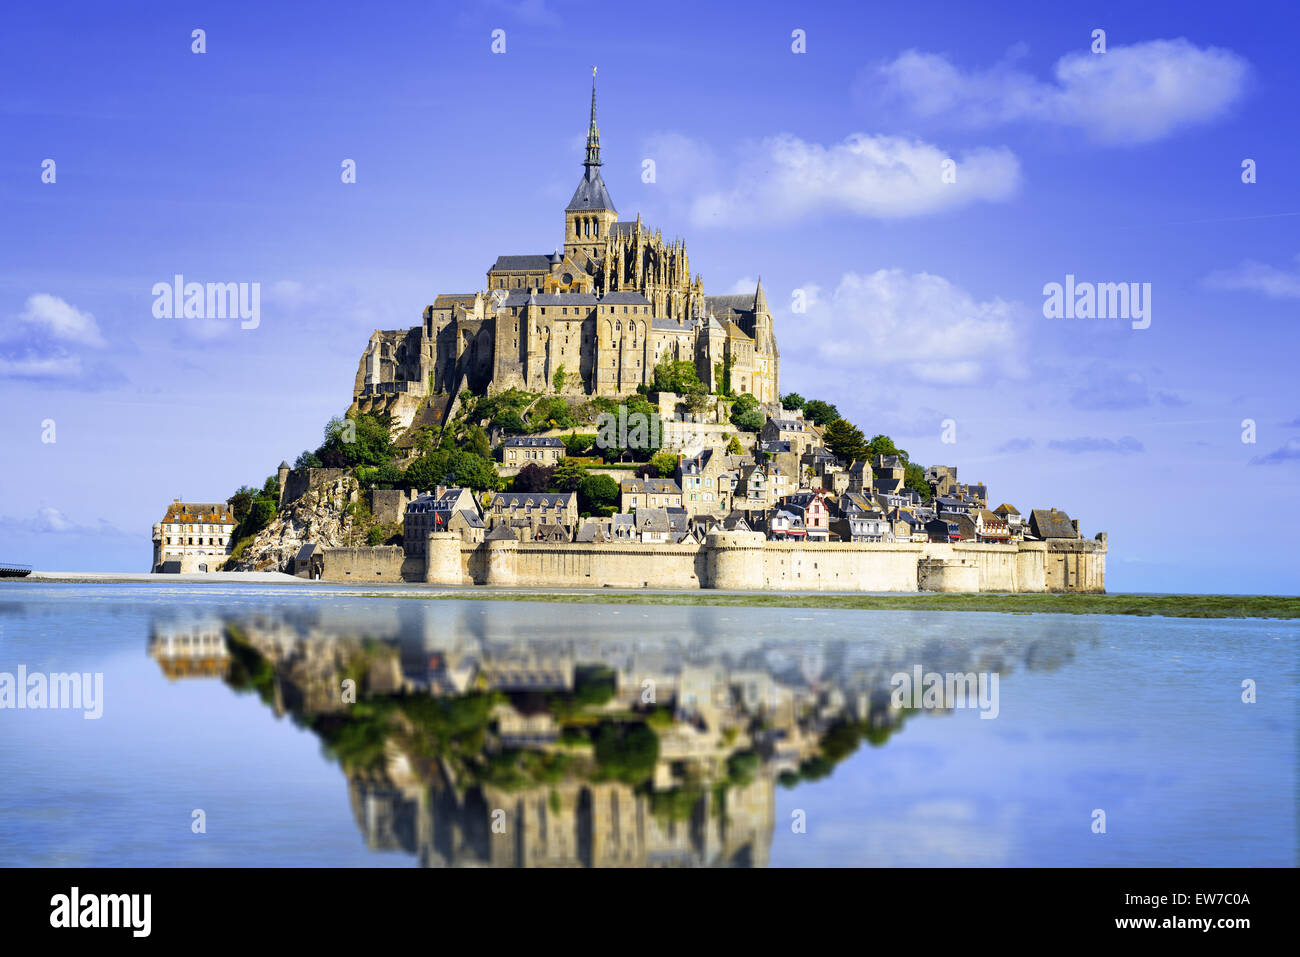 Mont saint Michel - Normandy - France - Stock Image